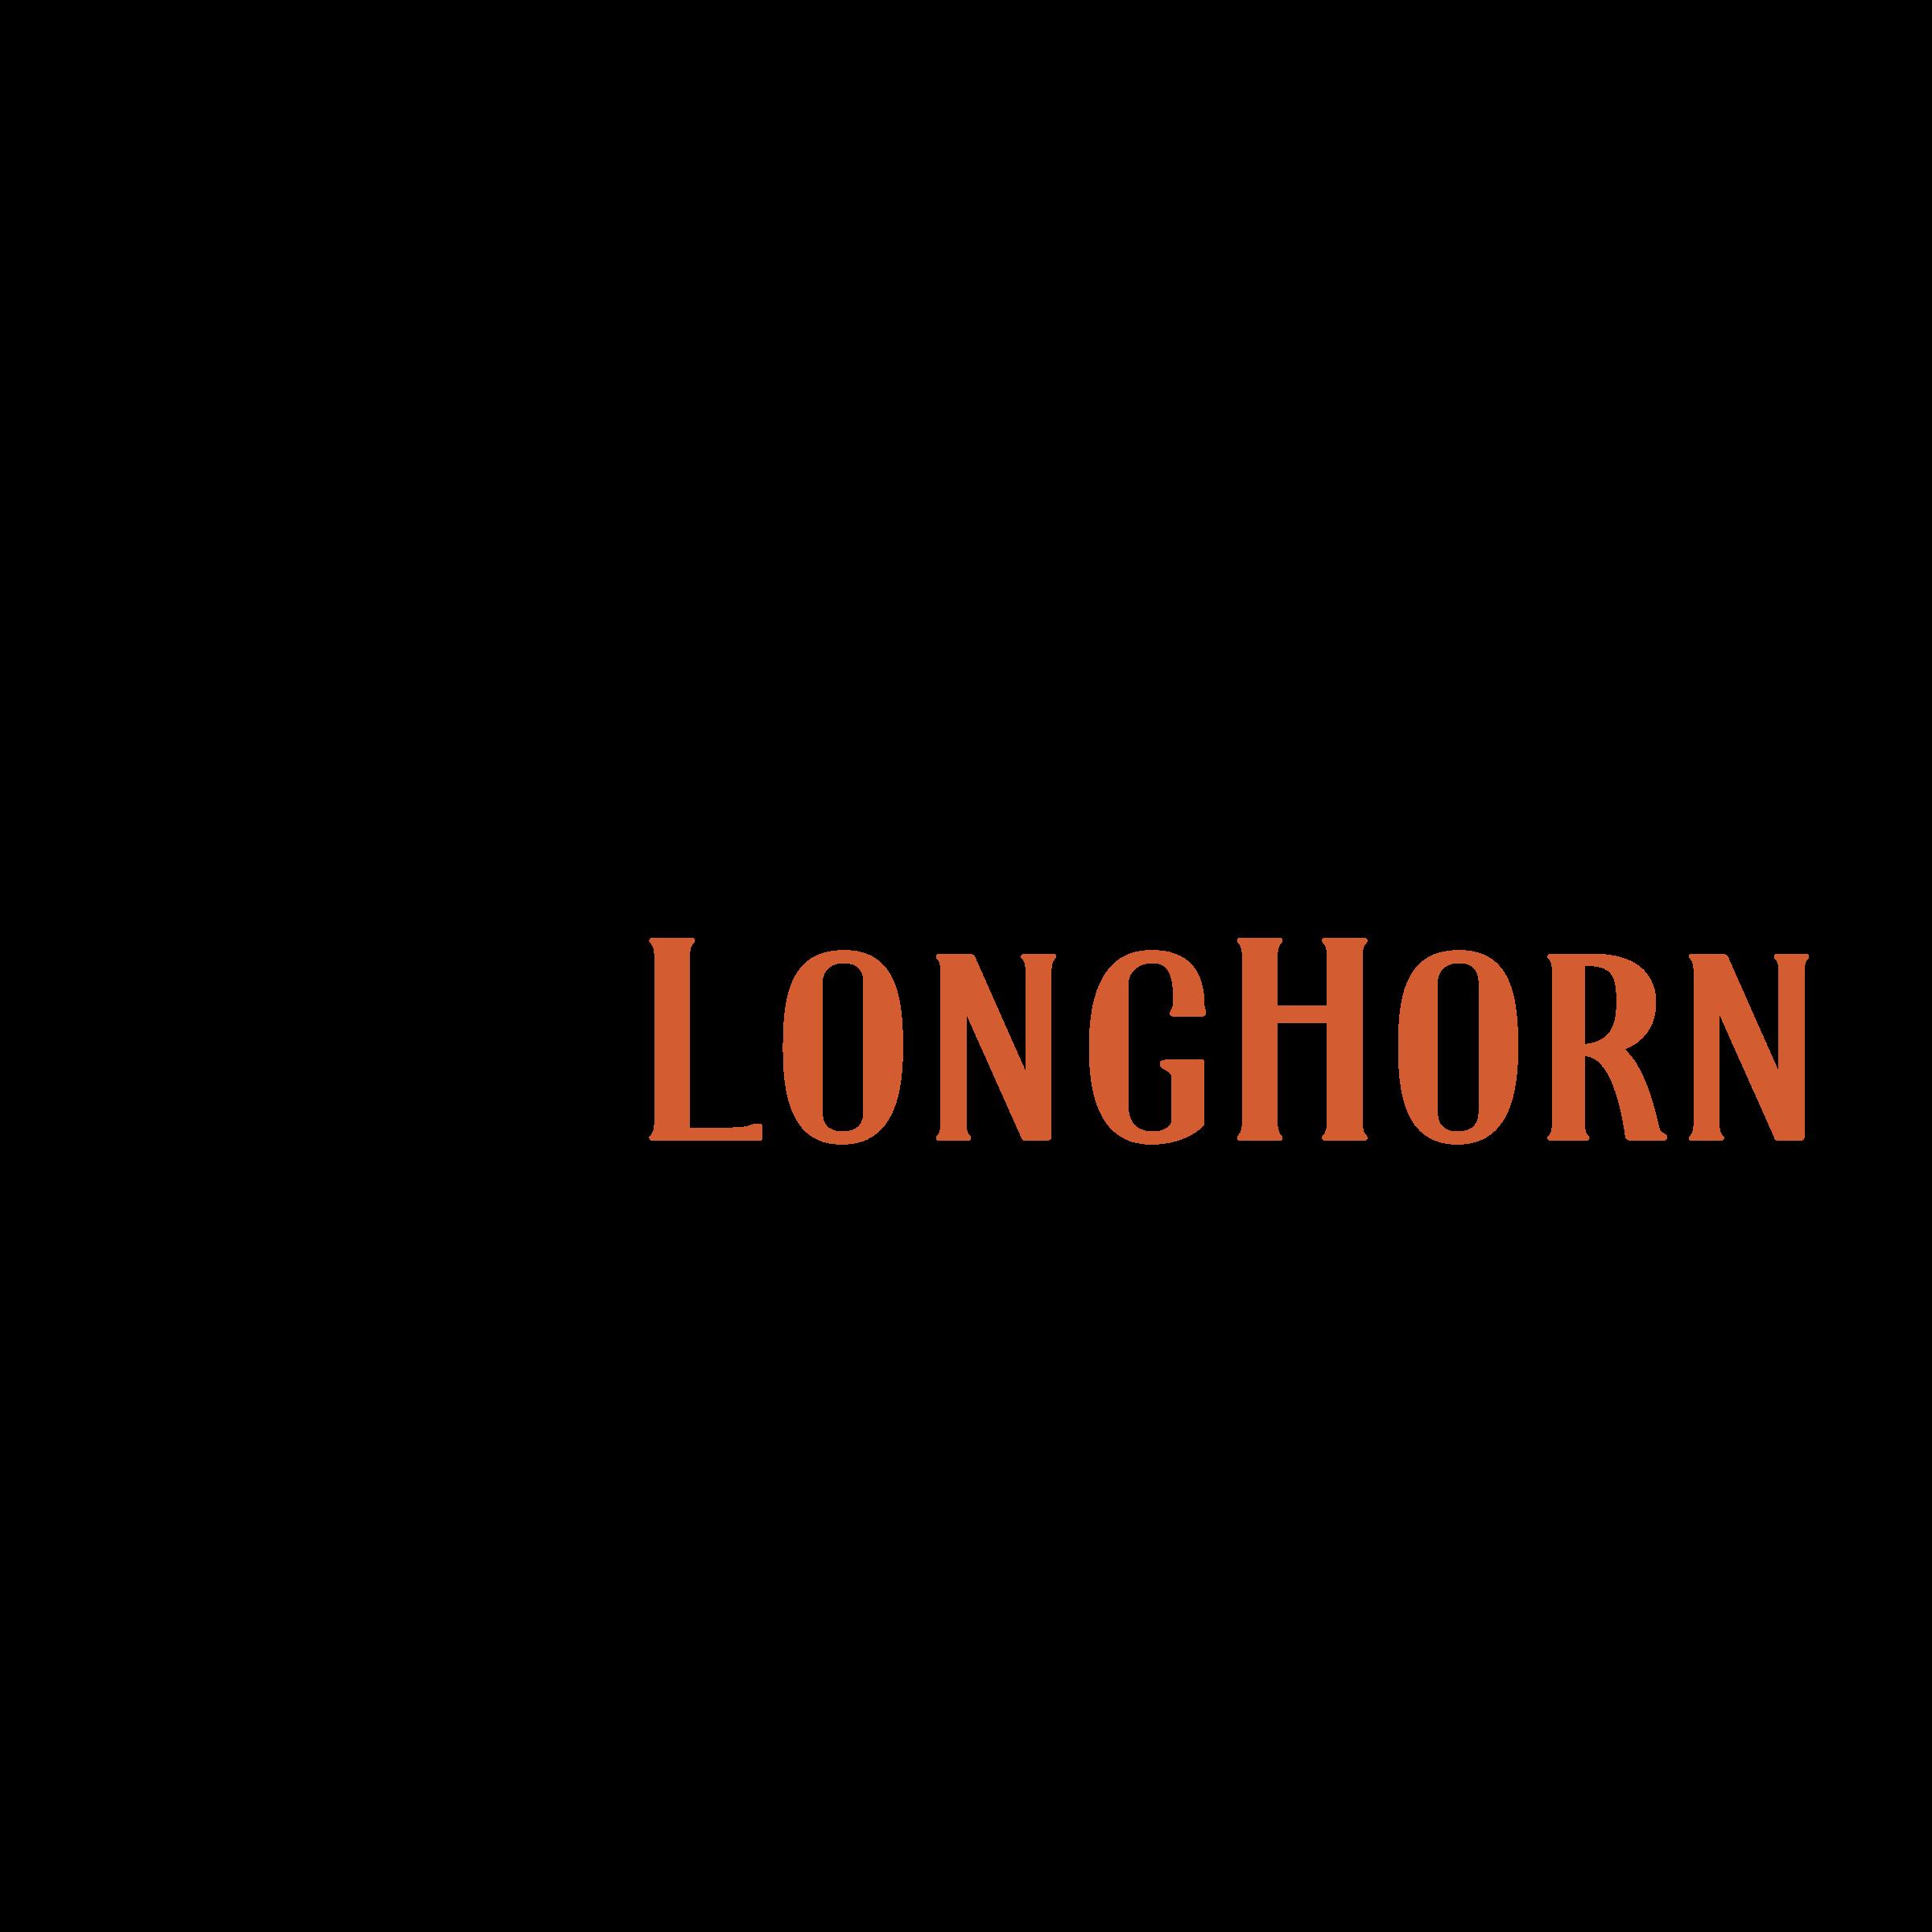 LongHorn Steakhouse Logo PNG Transparent & SVG Vector.